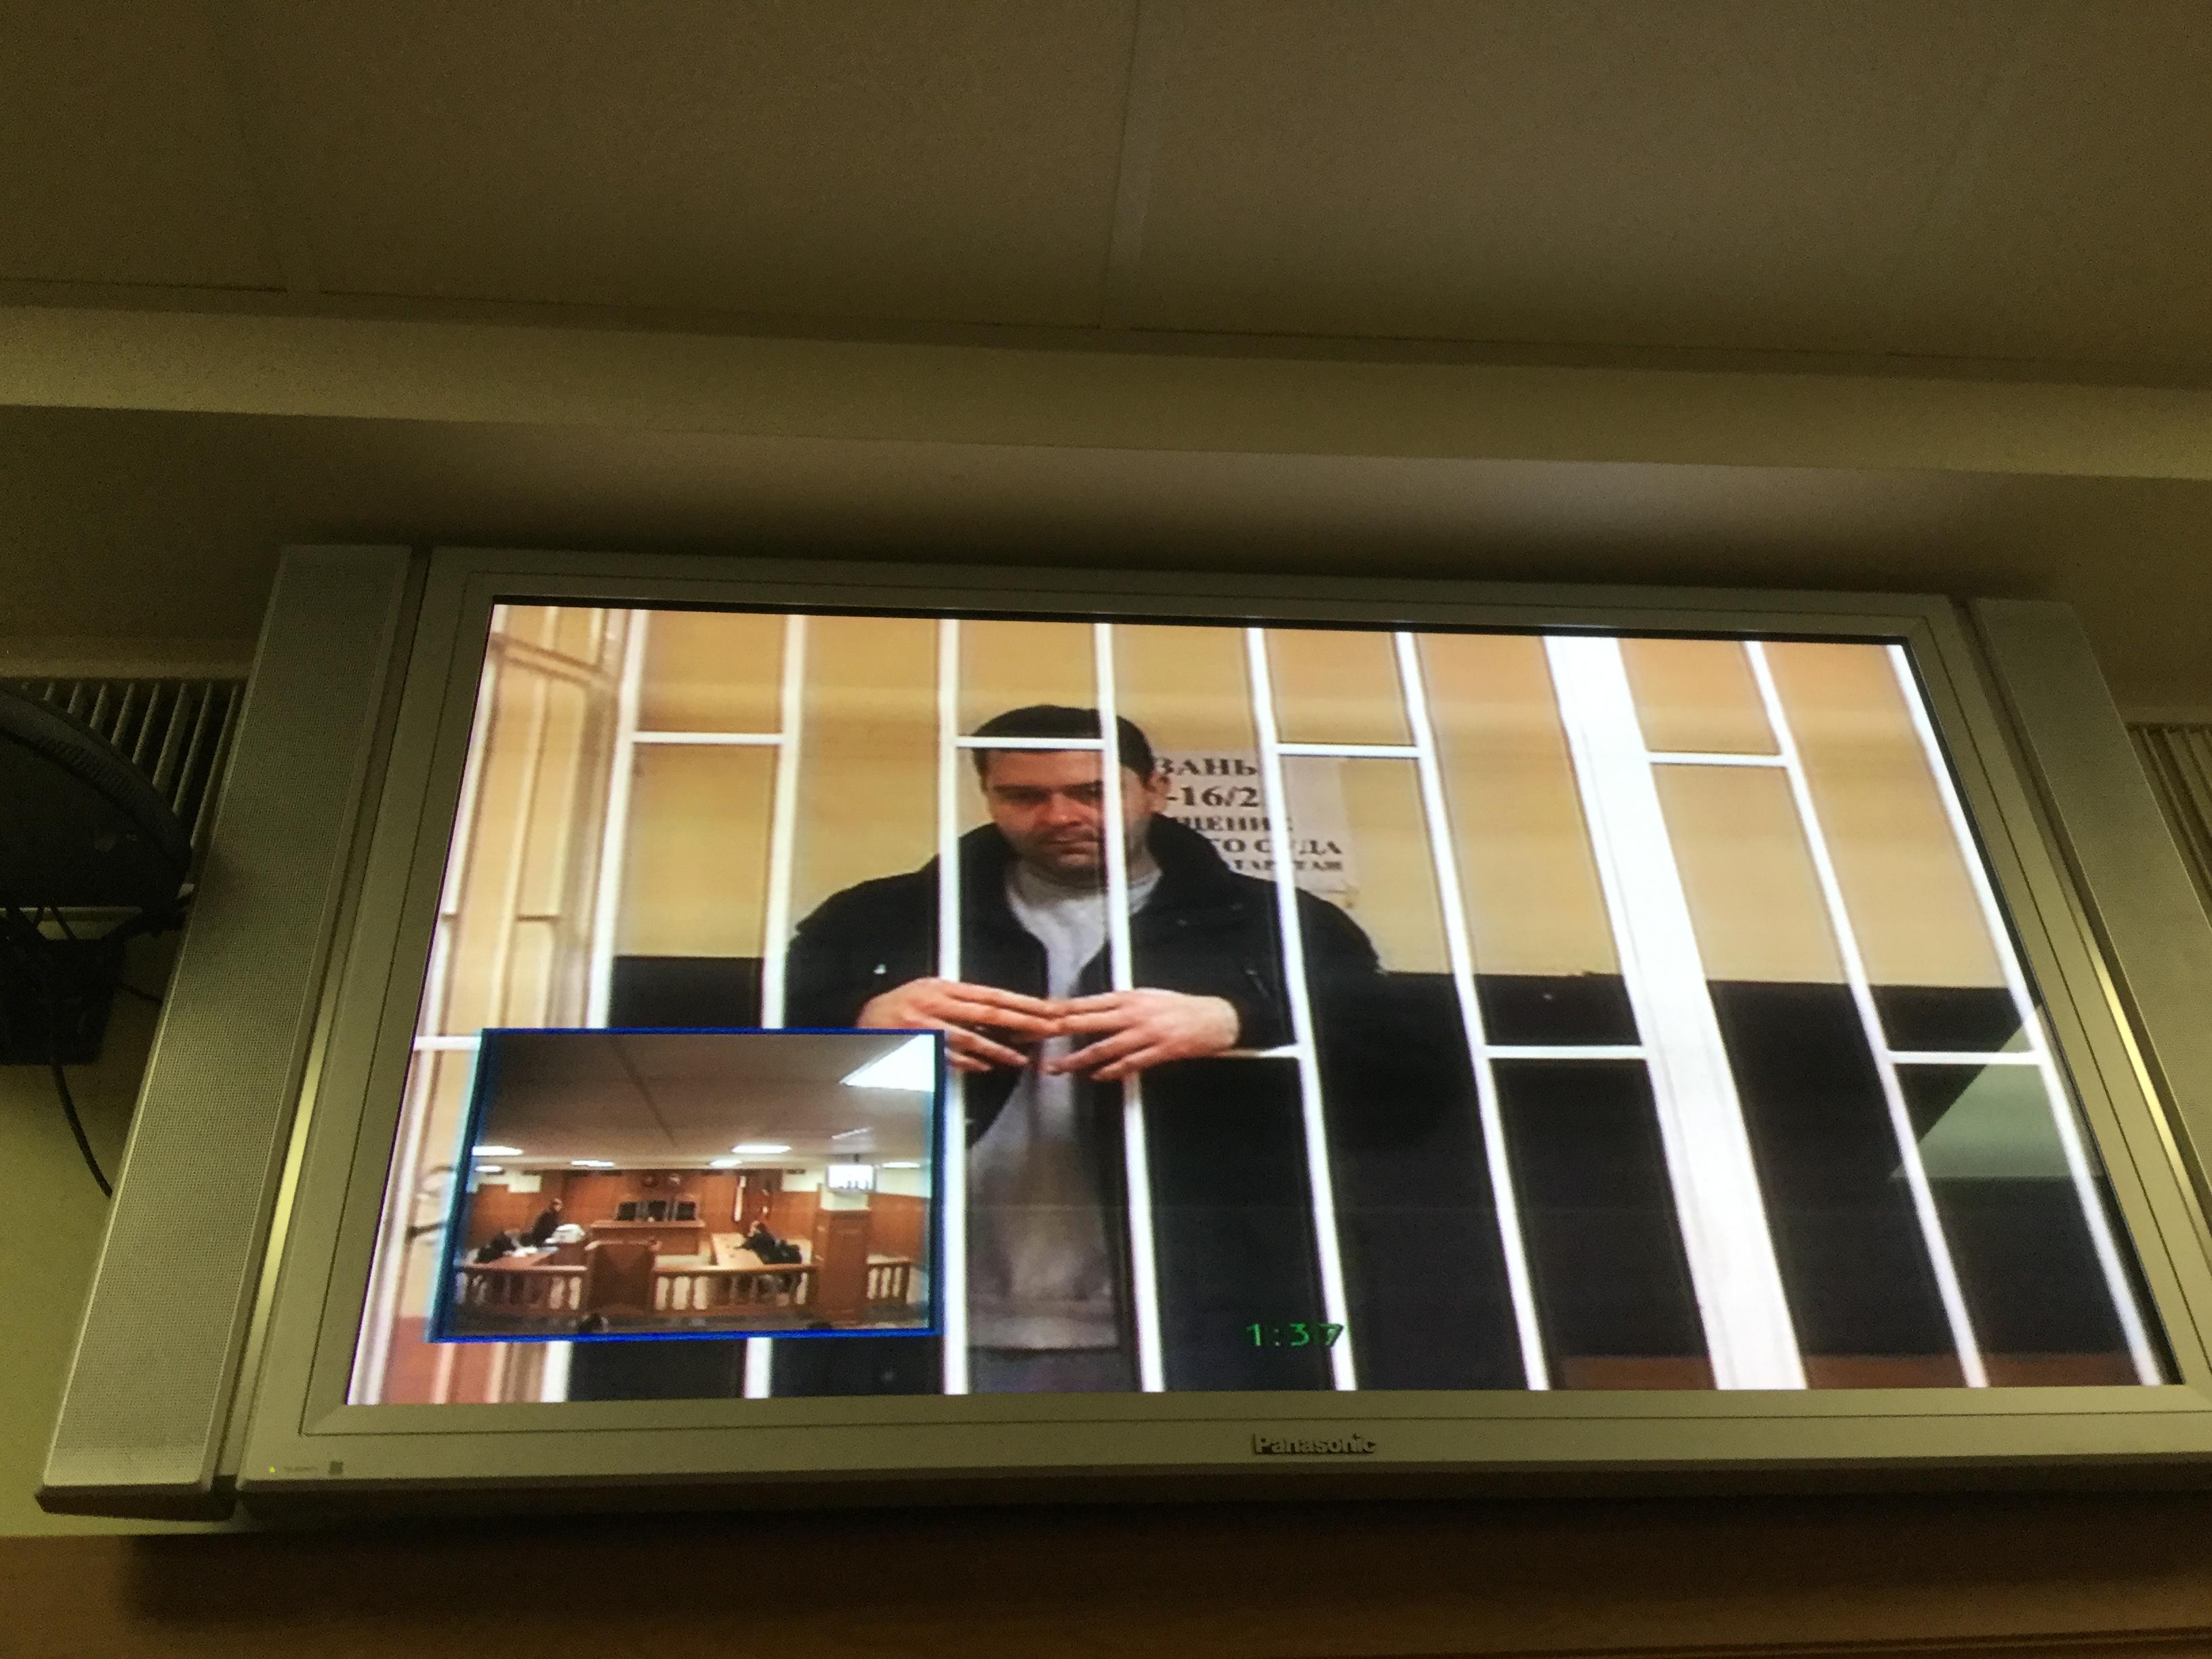 Зампред Татфондбанка останется под арестом до 2 апреля